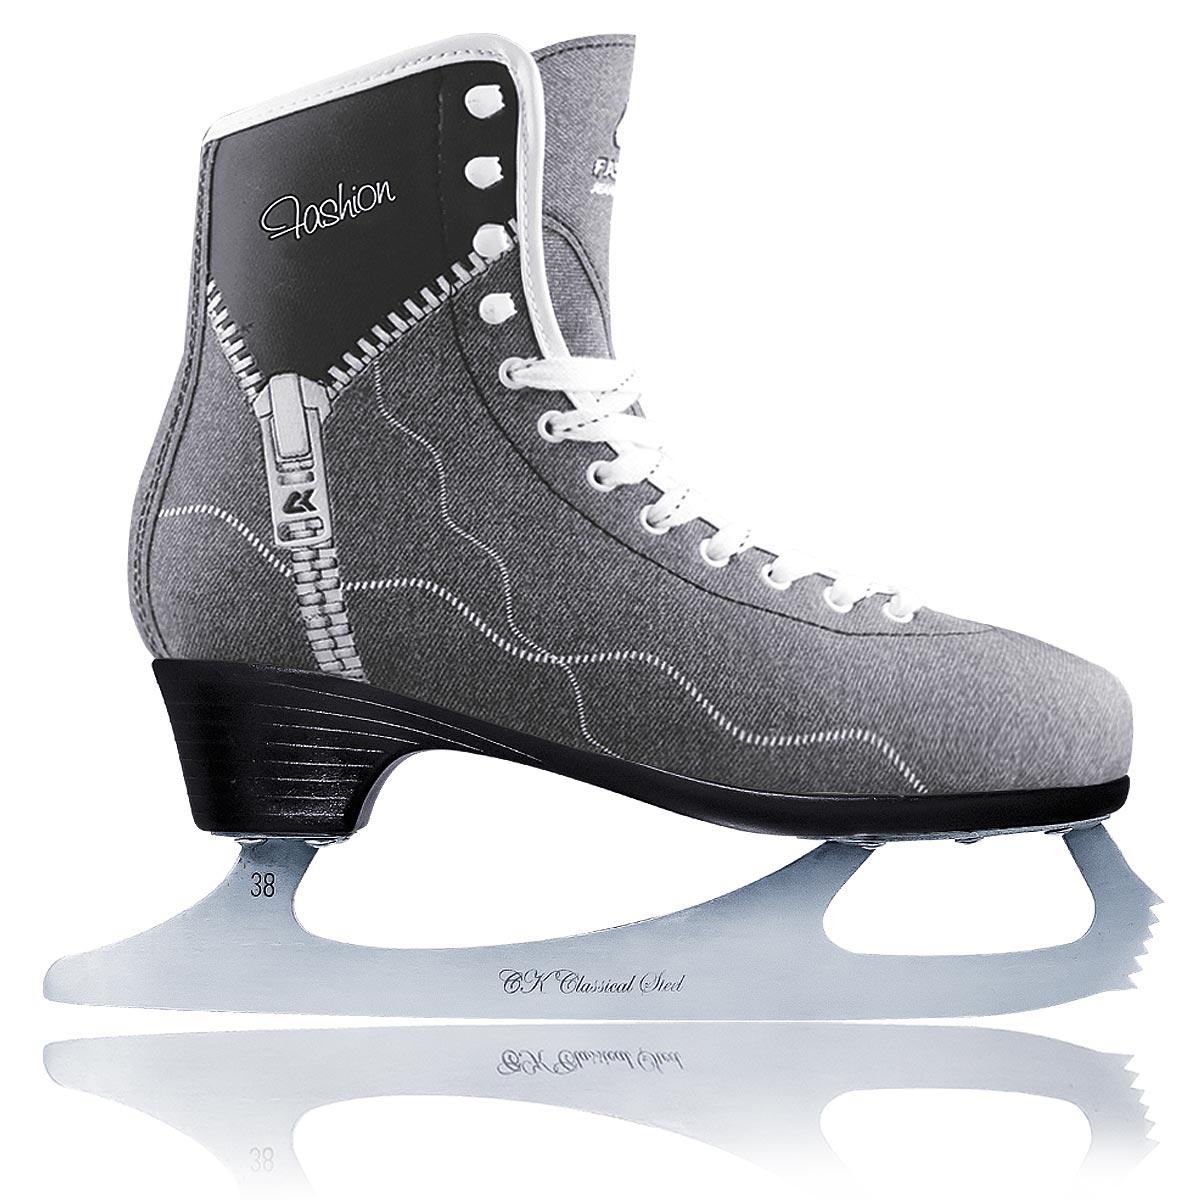 Коньки фигурные женские CK Fashion Lux Jeans, цвет: серый, черный. Размер 39FASHION LUX jeans_серый, черный_39Фигурные коньки от CK Fashion Lux Jeans идеально подойдут для любительского катания. Модель с высокой, плотной колодкой и усиленным задником, обеспечивающим боковую поддержку ноги, выполнена из синтетического материала на виниловой основе. Внутренняя поверхность отделана искусственным мехом. Анатомический язычок из войлока идеально облегает стопу и повышает комфорт. Стелька из упругого пенного полимерного материала EVA предназначена для быстрой адаптации ботинка к индивидуальным формам ноги и ее комфортного положения. Ботинок обеспечивает комфорт и устойчивость ноги, правильное распределение нагрузки, сильно снижает травмоопасность. Ботинок полностью обволакивает ногу, обеспечивает прочную и удобную фиксацию ноги, а также повышенную защиту от ударов. Модель фиксируется на ноге классической шнуровкой. Лезвие выполнено из нержавеющей стали, оно обладает высокой твердостью и долго держит заточку. Подошва Graceful обладает элегантным дизайном, повышенной твердостью и пониженным весом. Более высокий каблук делает ногу более изящной и стройной, а также повышает управляемость и маневренность конька.